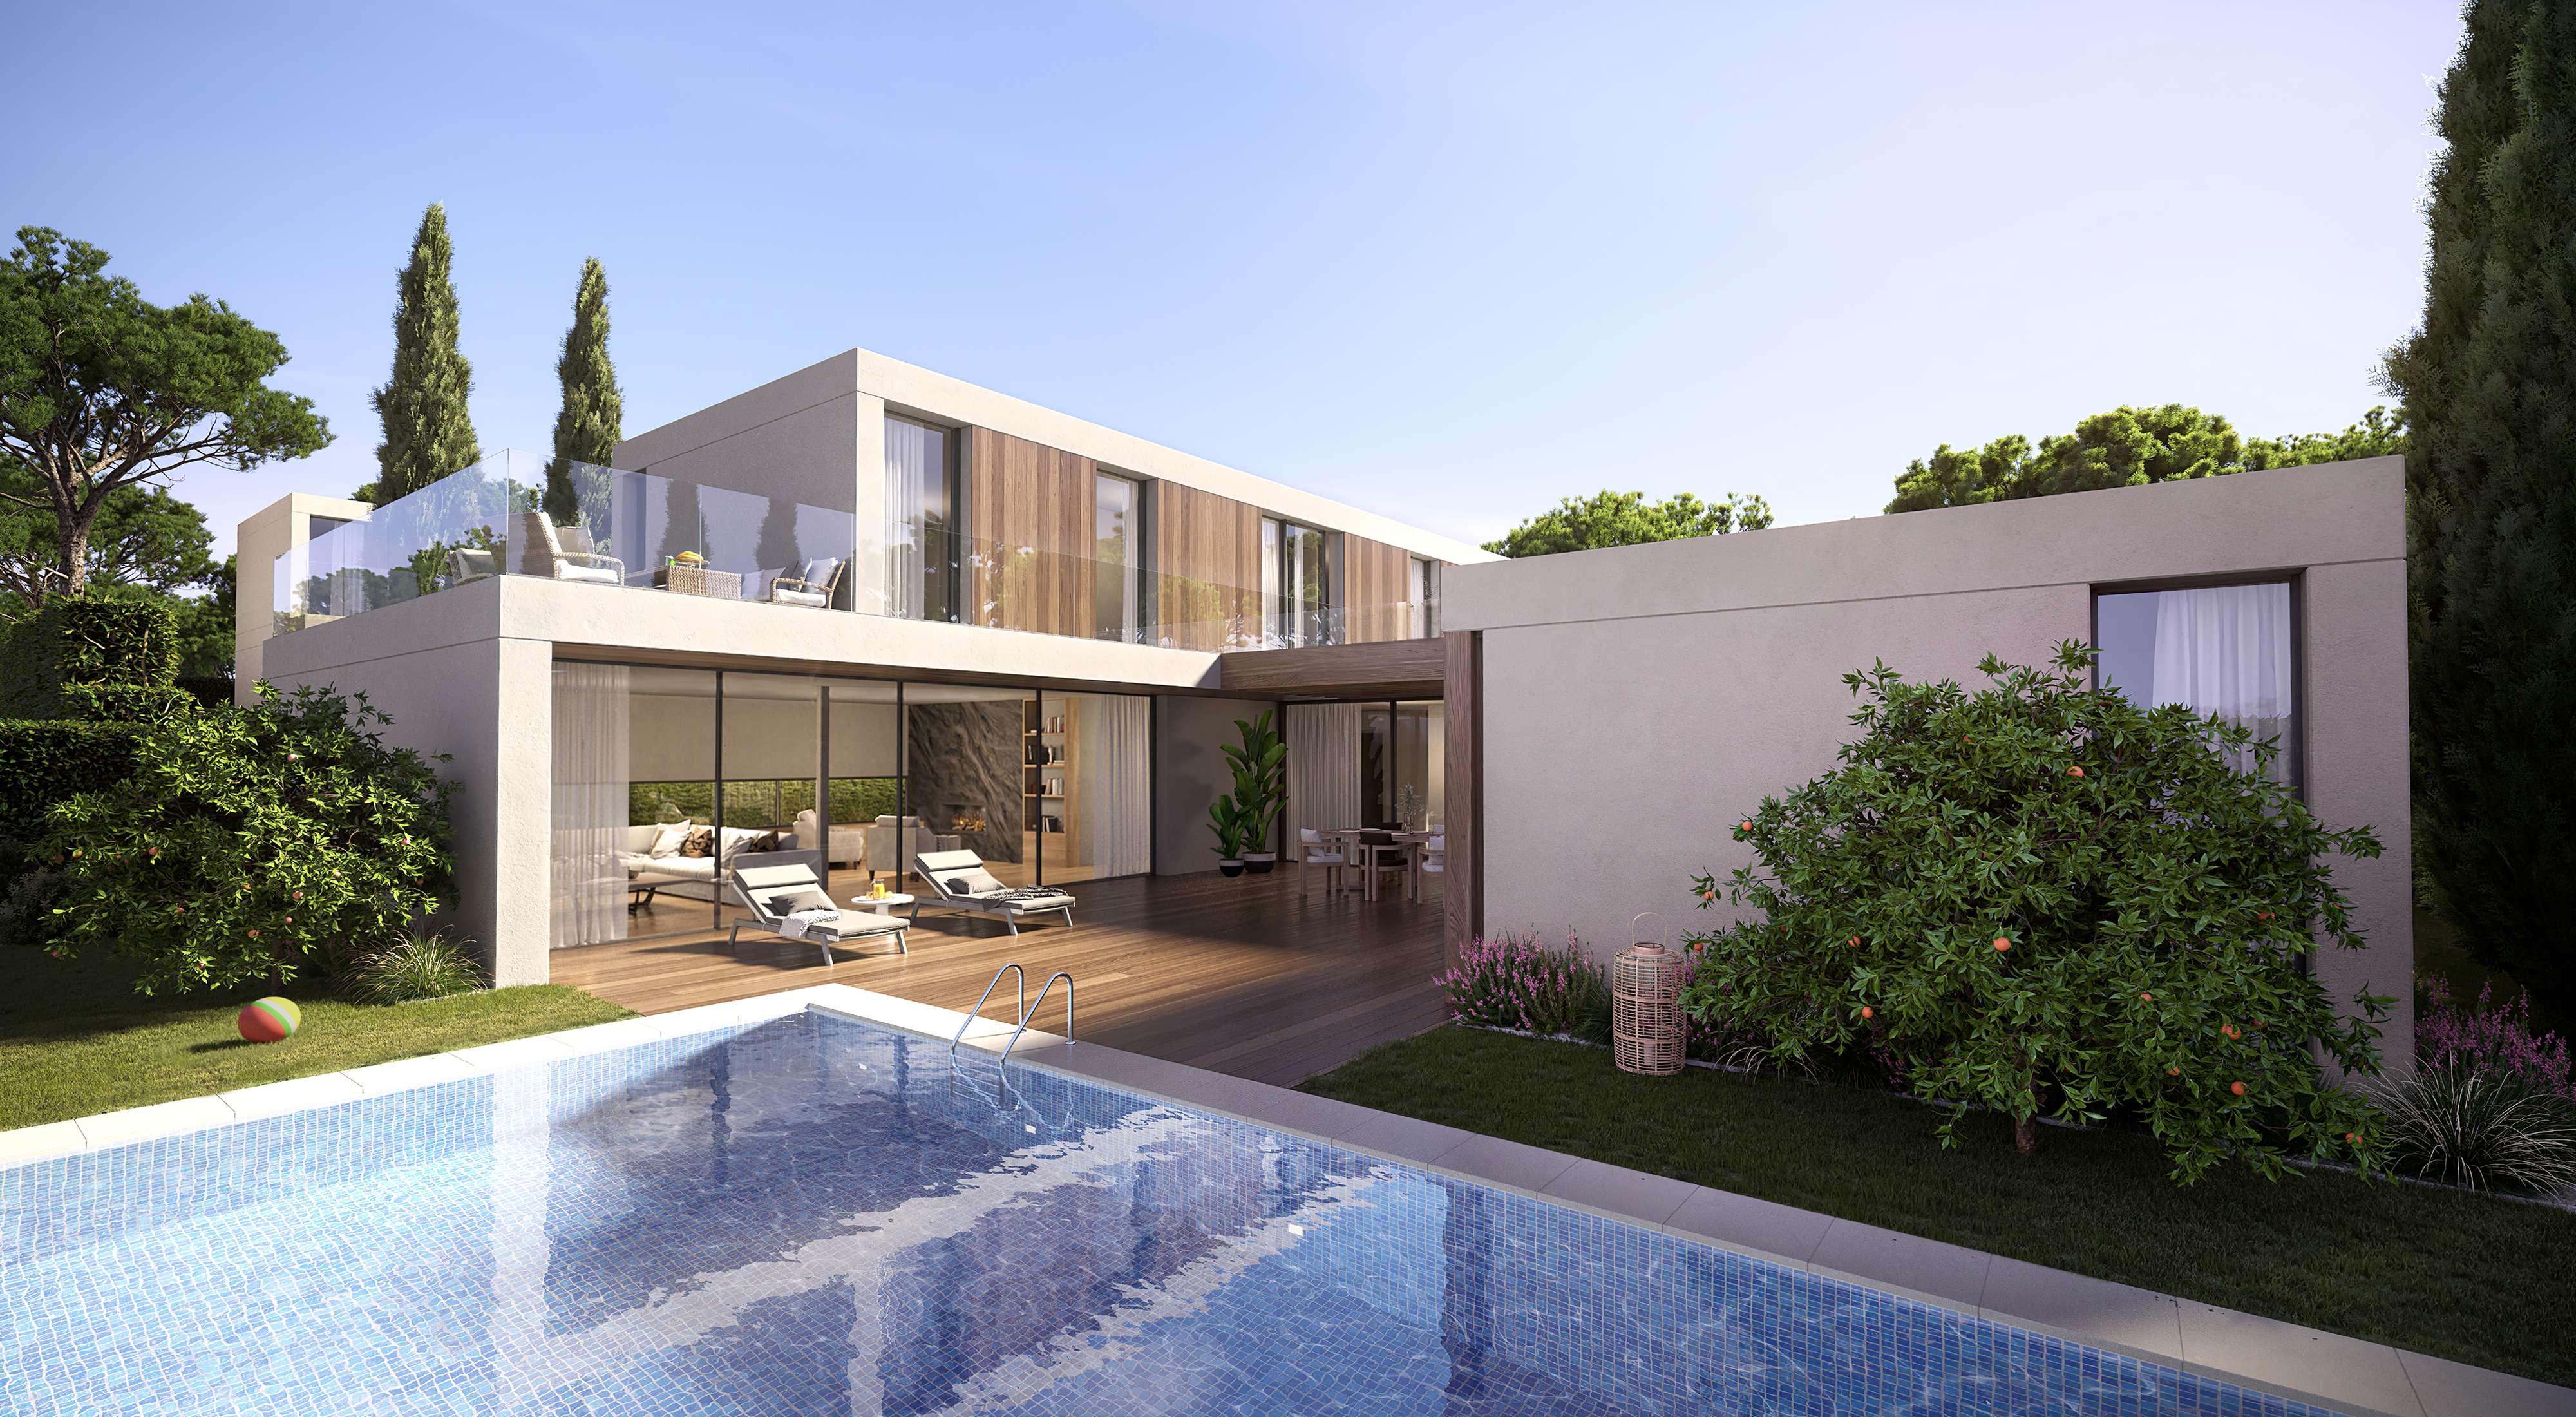 Villas modernas en  S'Agaro